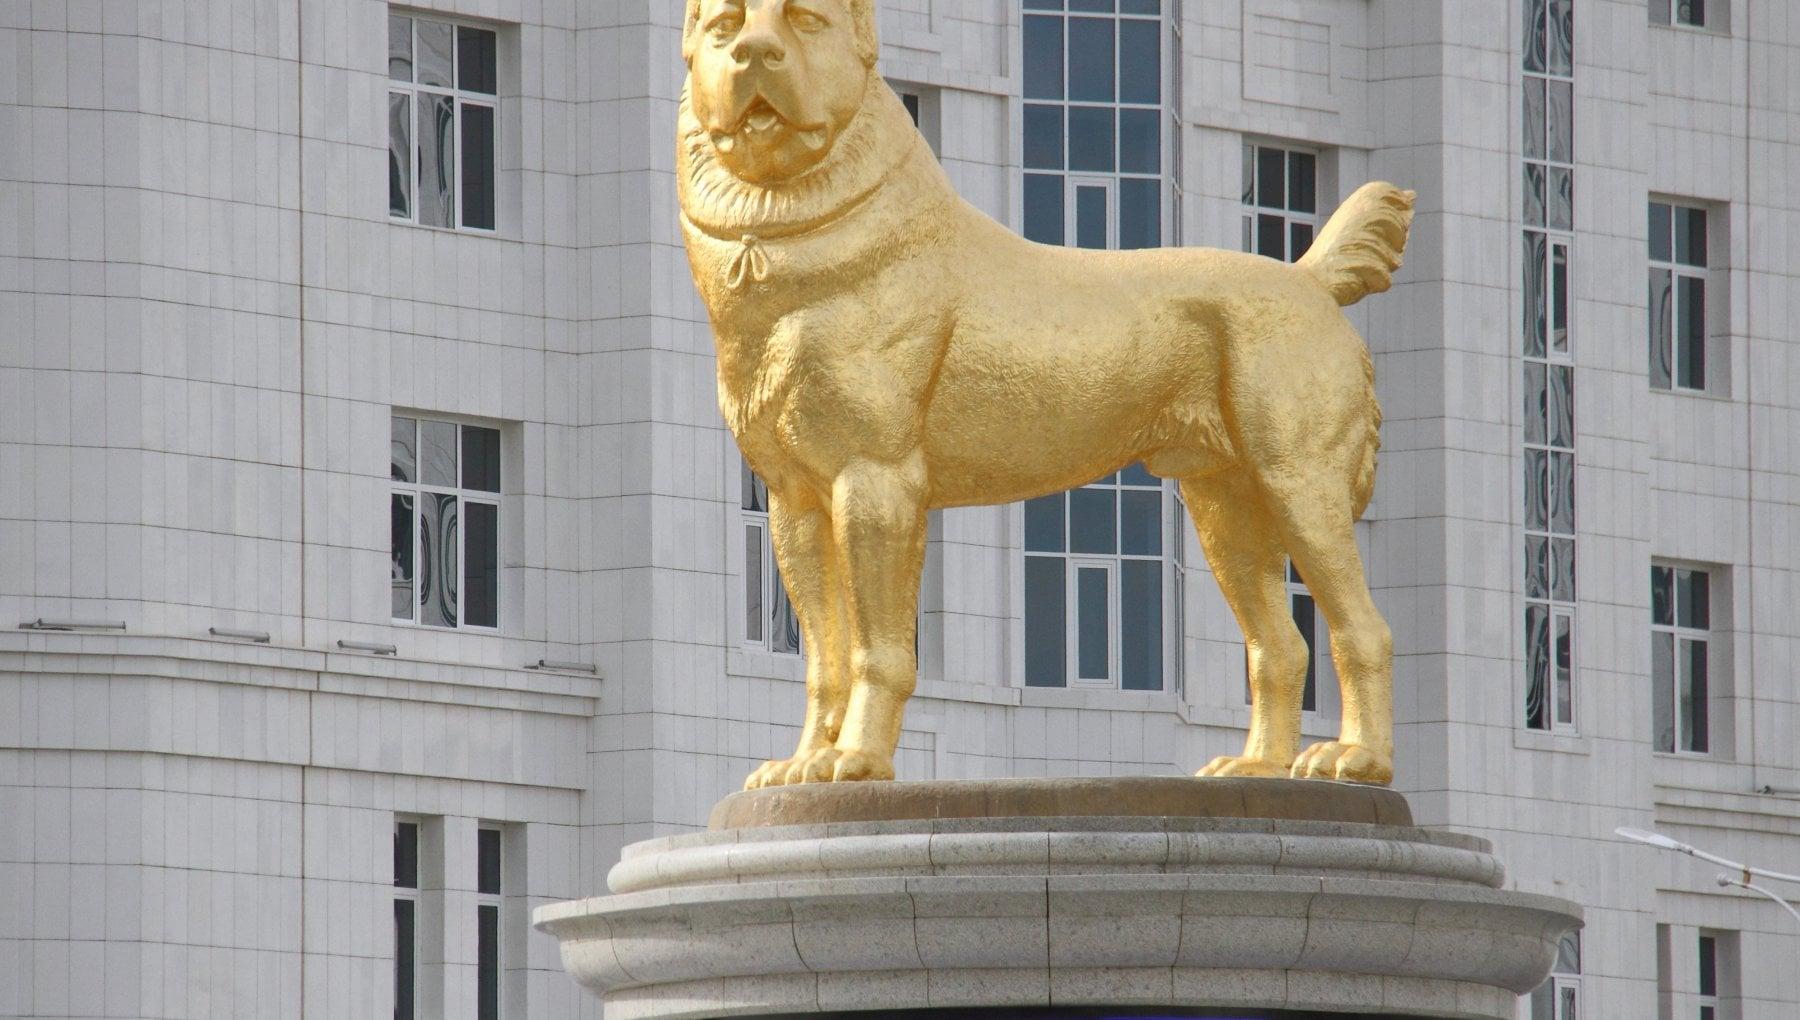 Statue en OR au Turkemnistan (Photo DR)